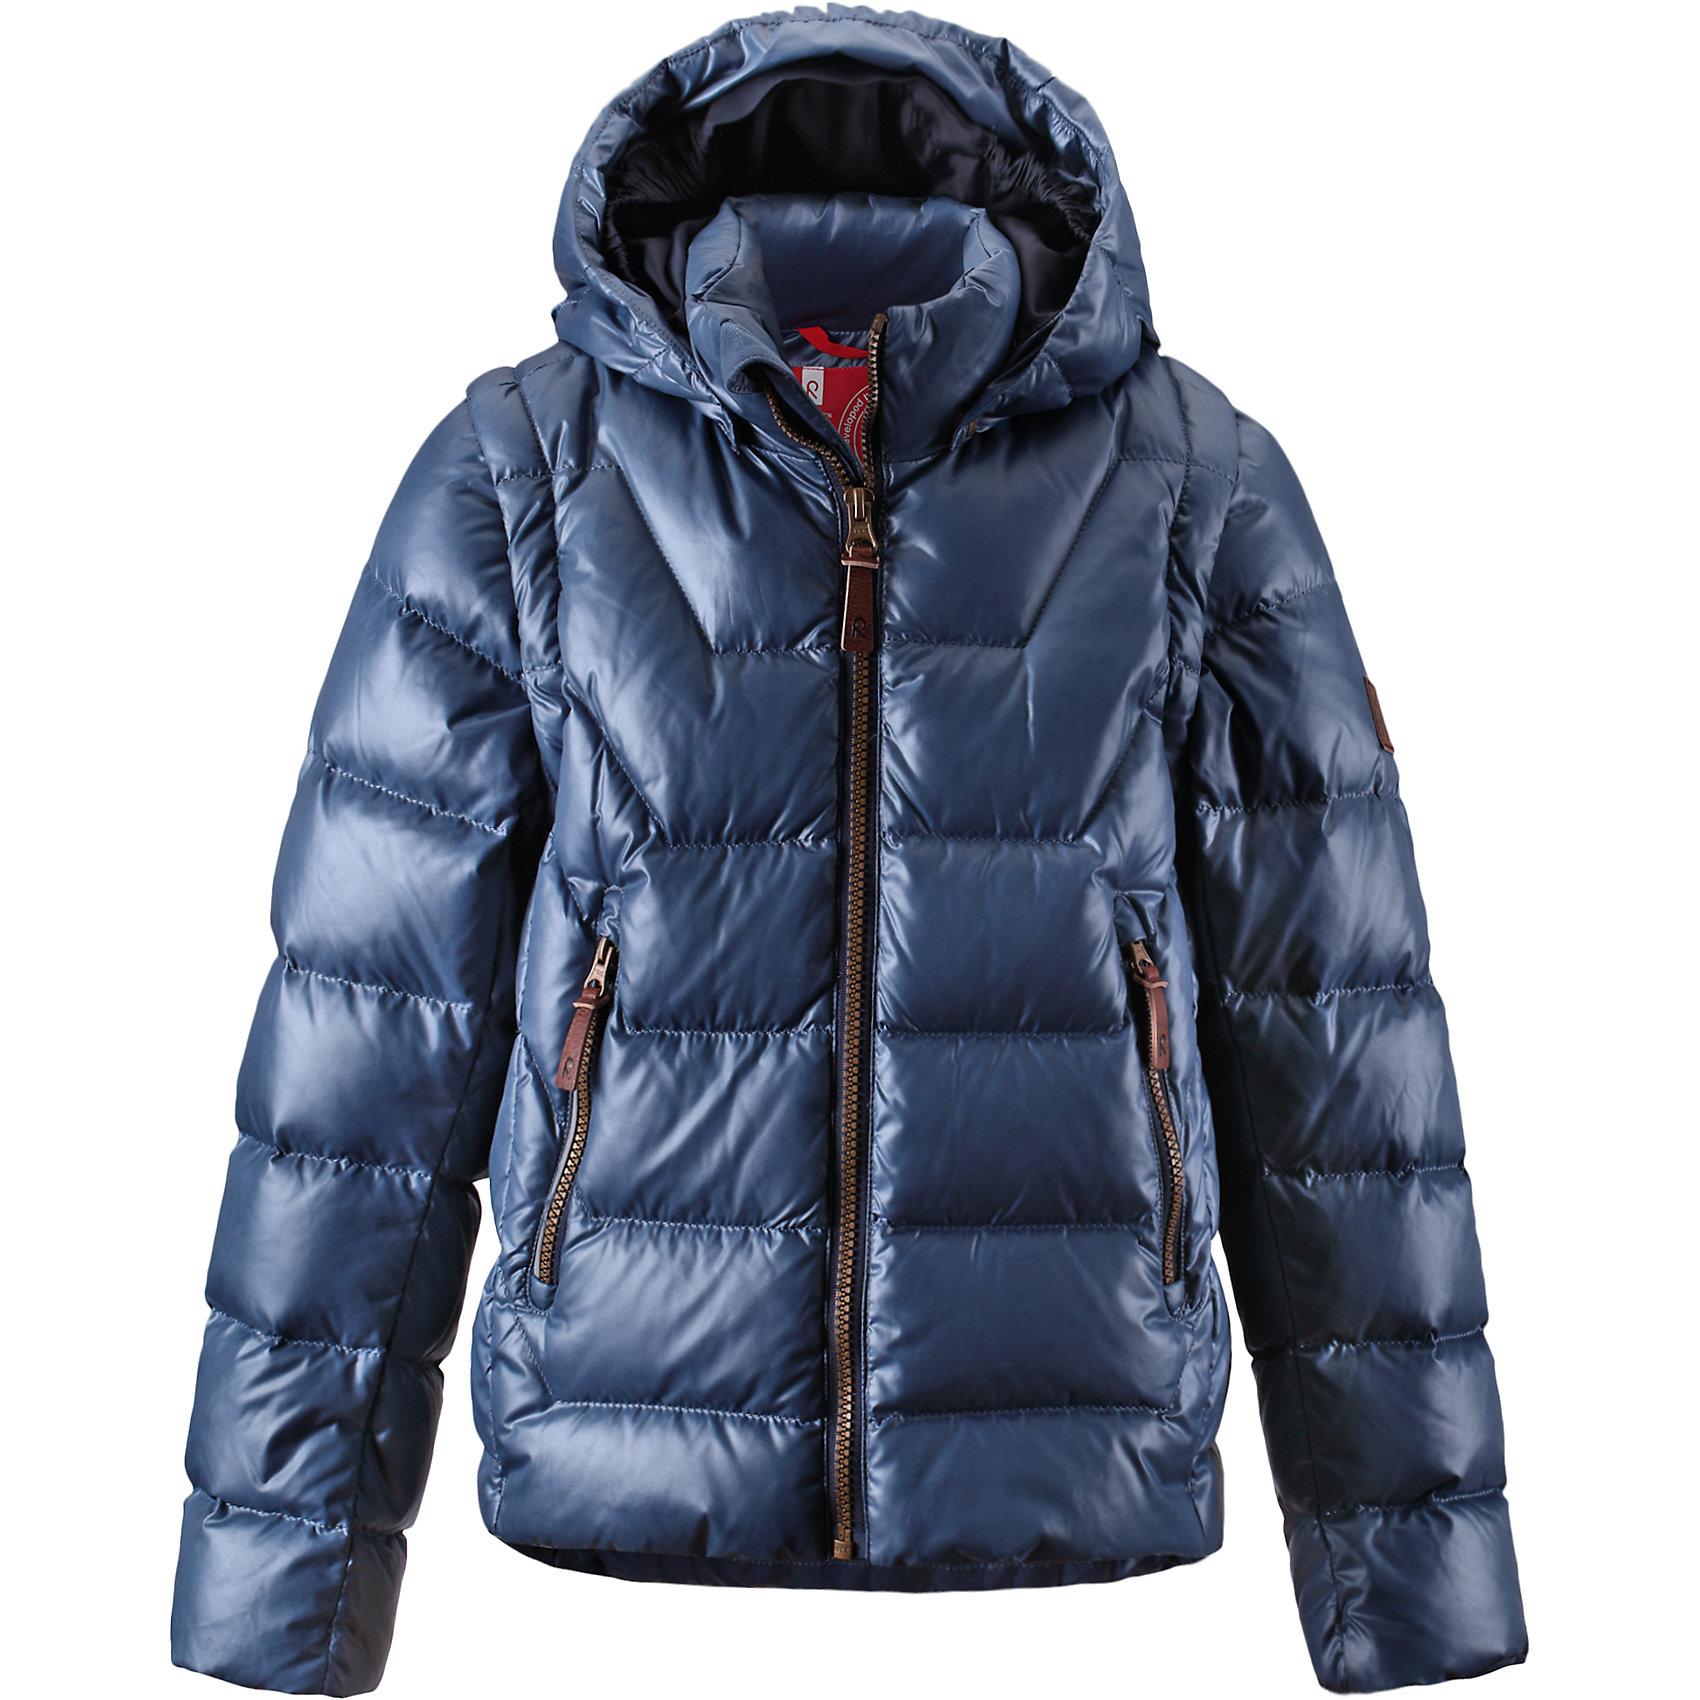 Куртка Spruce для мальчика ReimaКуртка для мальчика Reima<br>Пуховая куртка для подростков . Водоотталкивающий, ветронепроницаемый, «дышащий» и грязеотталкивающий материал. Гладкая подкладка из полиэстра. В качестве утеплителя использованы пух и перо (60%/40%). Безопасный, съемный капюшон. Эластичные манжеты. Отстегивающиеся рукава на молнии. Эластичная кромка подола. Два кармана на молнии. Безопасные светоотражающие детали.<br>Уход:<br>Стирать по отдельности, вывернув наизнанку. Застегнуть молнии и липучки. Стирать моющим средством, не содержащим отбеливающие вещества. Полоскать без специального средства. Во избежание изменения цвета изделие необходимо вынуть из стиральной машинки незамедлительно после окончания программы стирки. Барабанное сушение при низкой температуре с 3 теннисными мячиками. Выверните изделие наизнанку в середине сушки.<br>Состав:<br>100% Полиэстер<br><br>Ширина мм: 356<br>Глубина мм: 10<br>Высота мм: 245<br>Вес г: 519<br>Цвет: синий<br>Возраст от месяцев: 96<br>Возраст до месяцев: 108<br>Пол: Мужской<br>Возраст: Детский<br>Размер: 134,116,140,152,158,146,164,128,122<br>SKU: 4778185